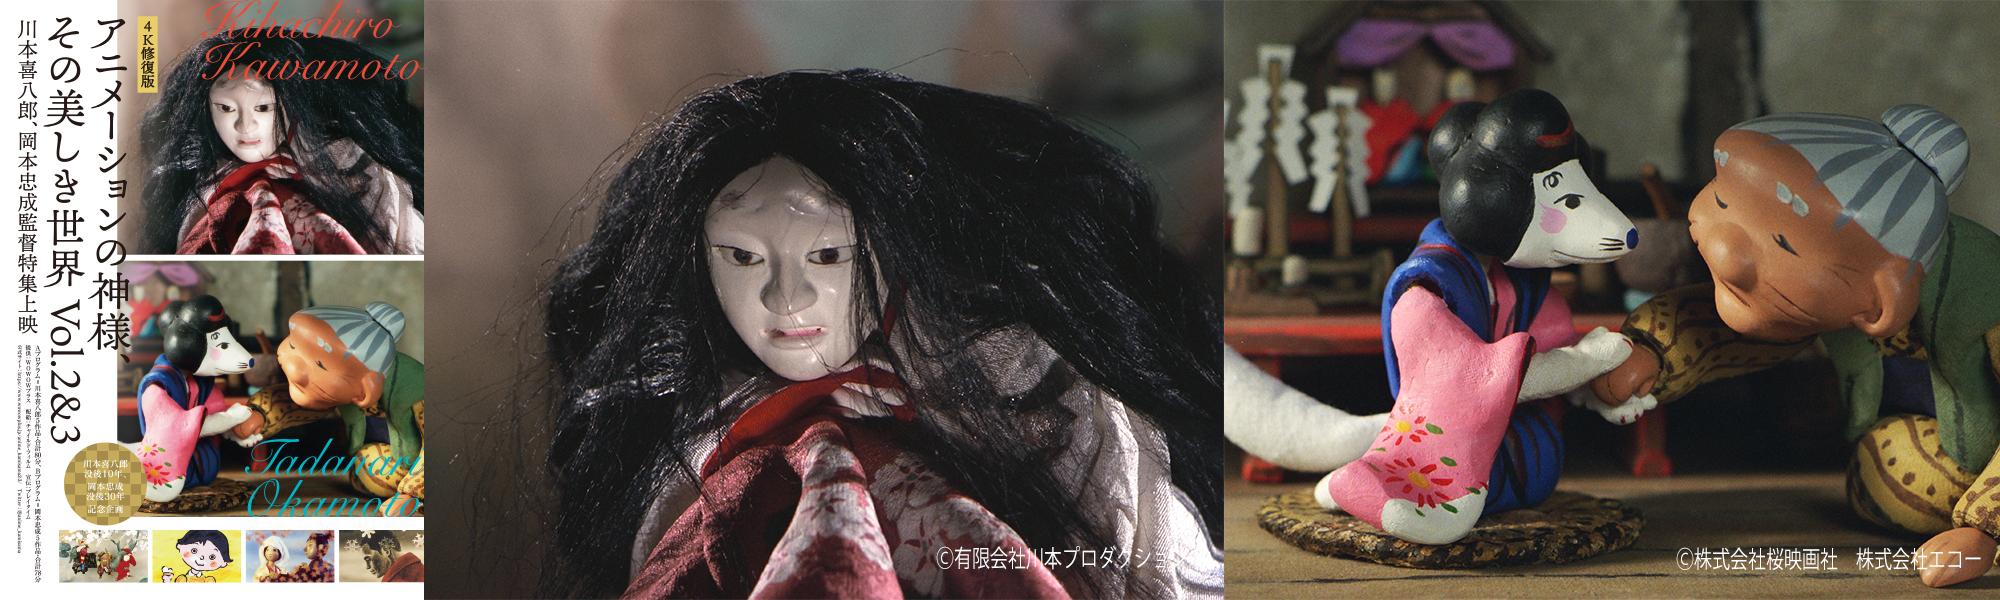 アニメーションの神様、その美しき世界 Vol.2&3 川本喜八郎、岡本忠成監督特集上映